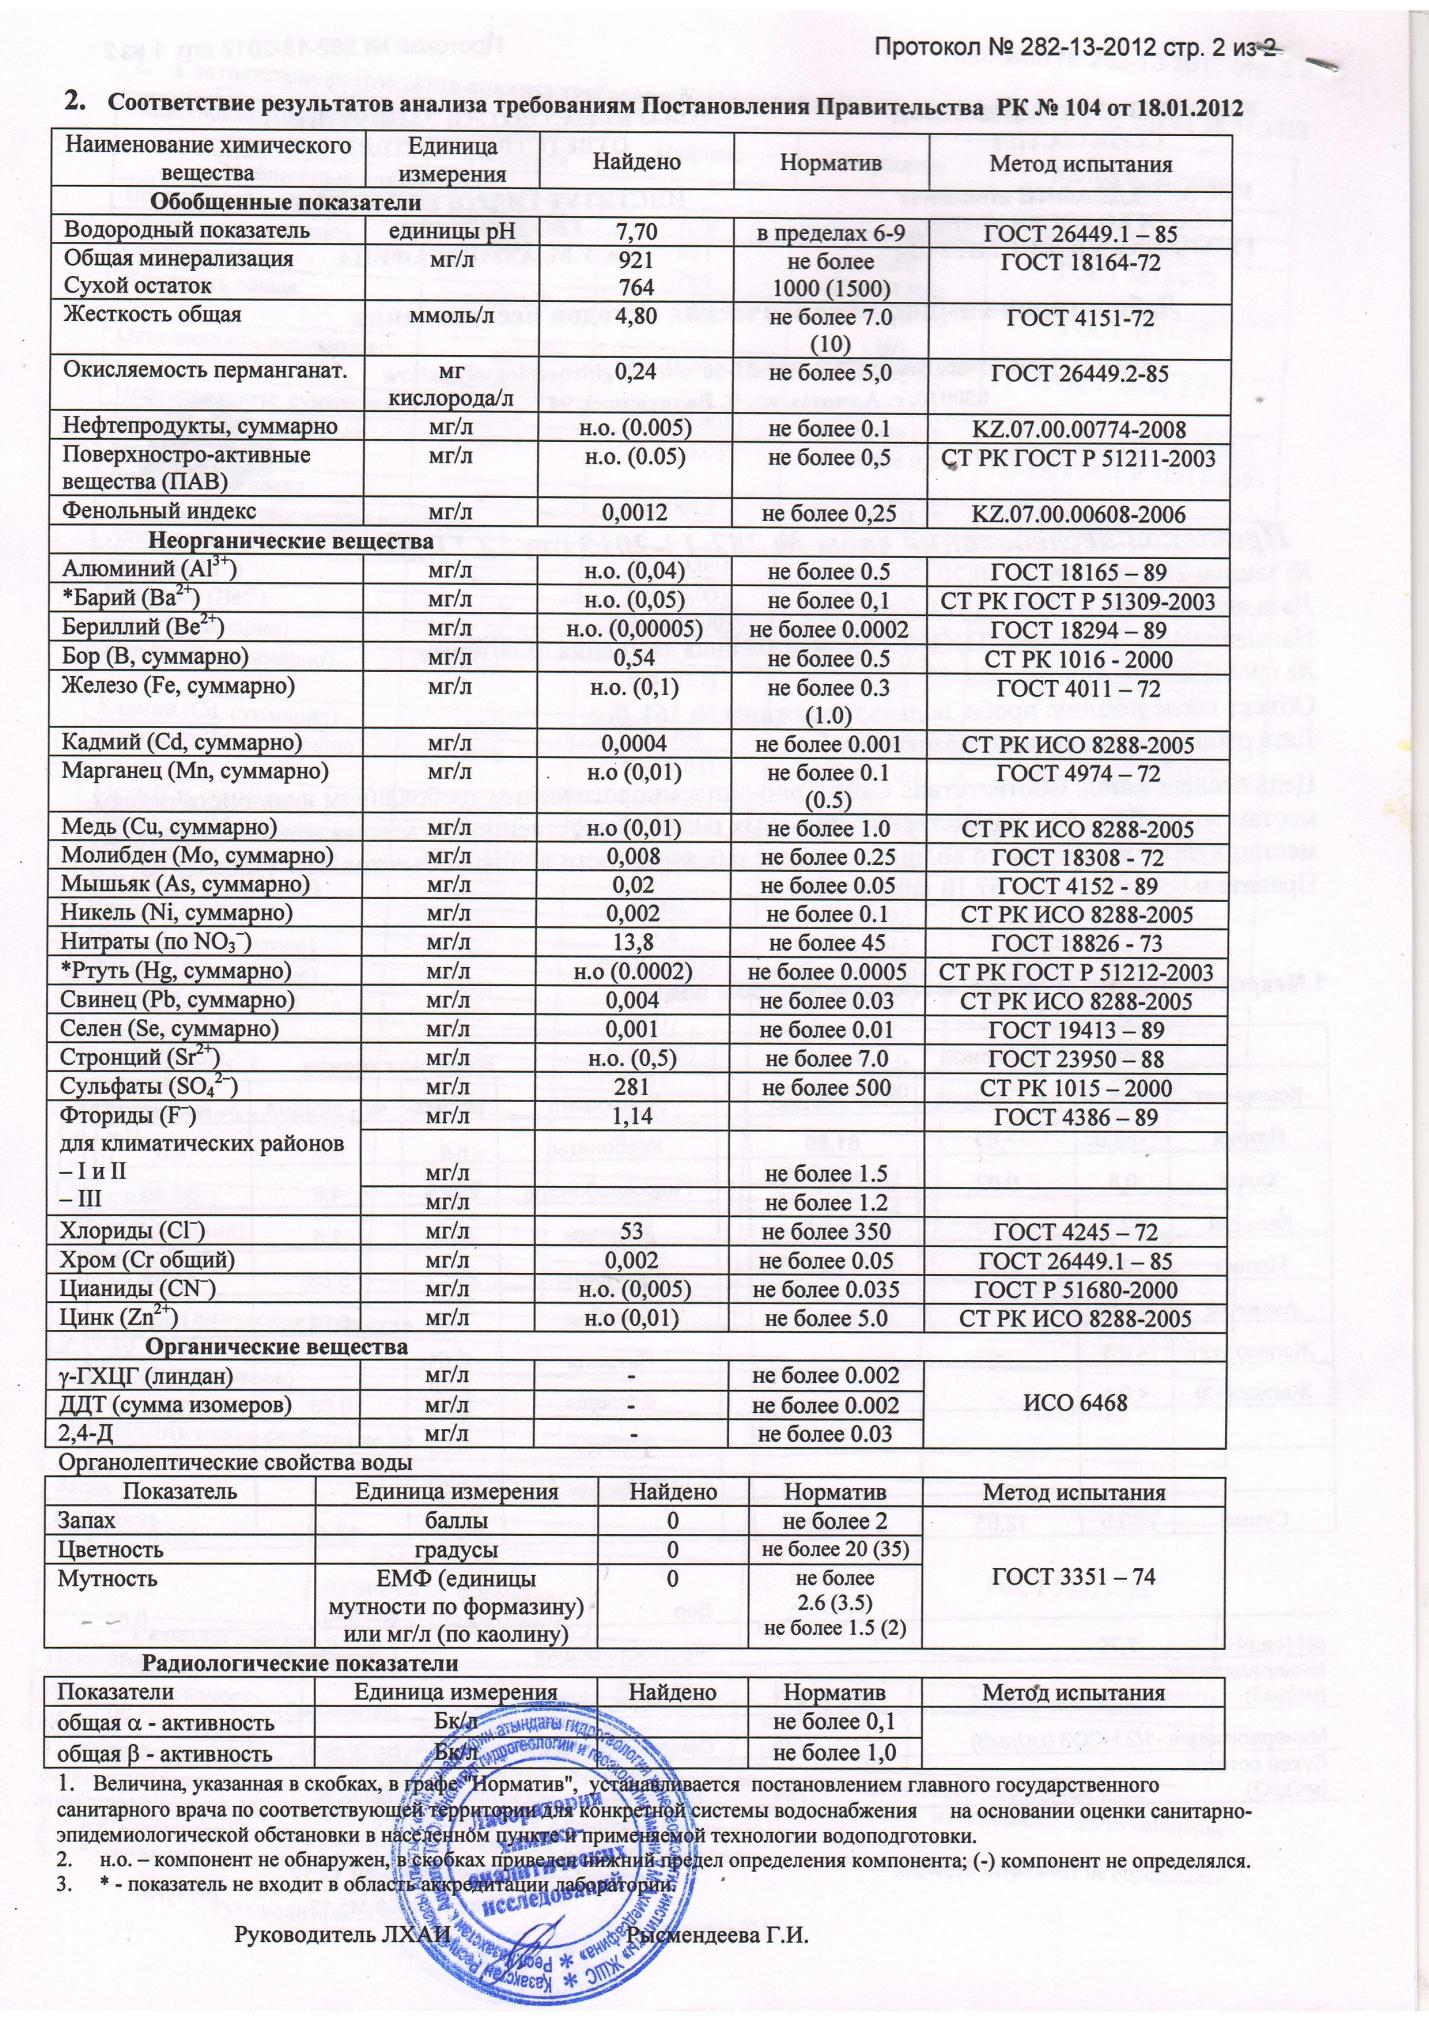 Химический анализ воды: методики проведения и цены. Где 26